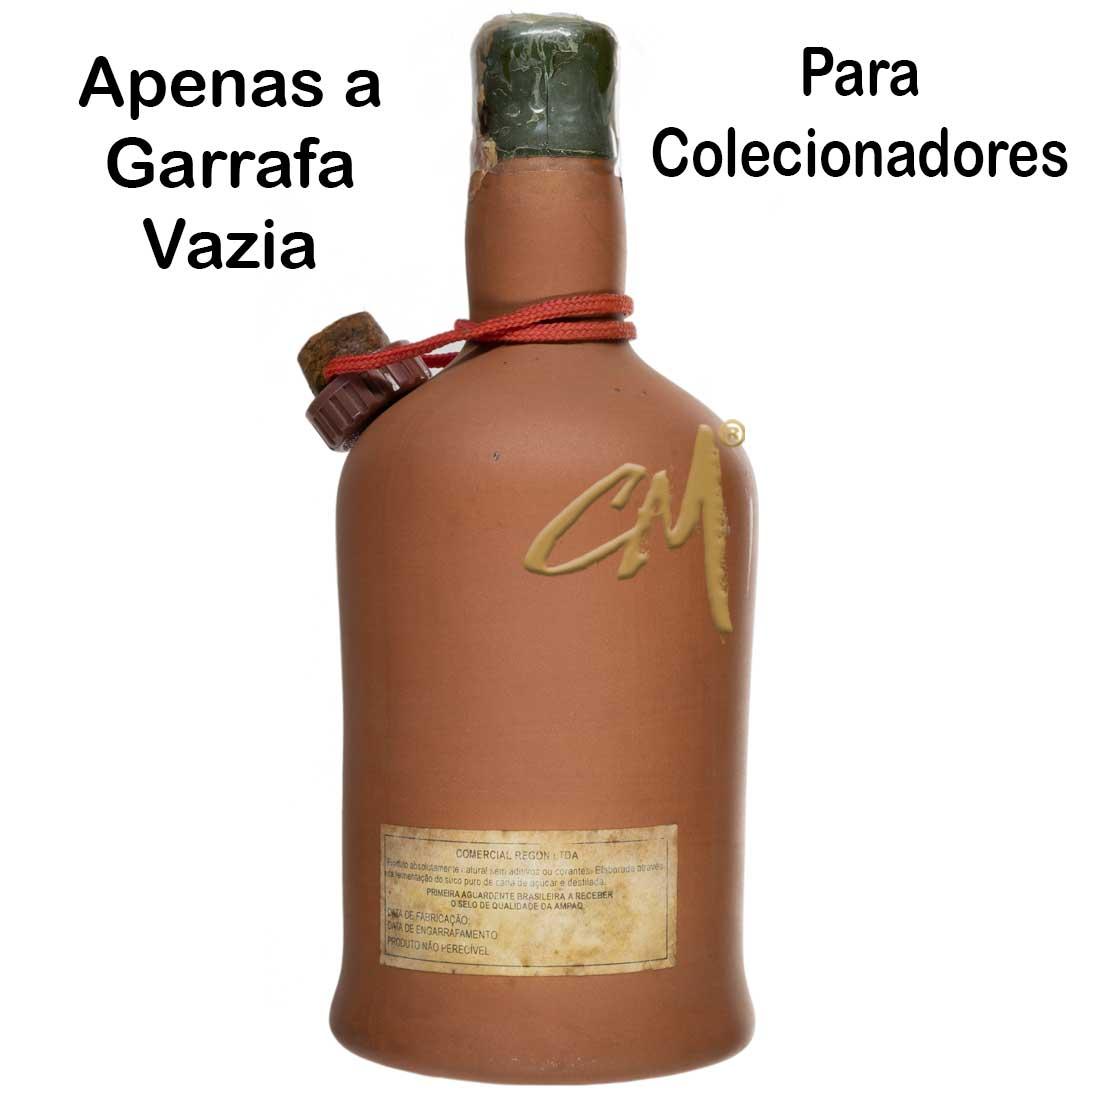 Garrafa de Cachaça Minha Deusa Barro 600 ml (Vianópolis - MG) - Coleção